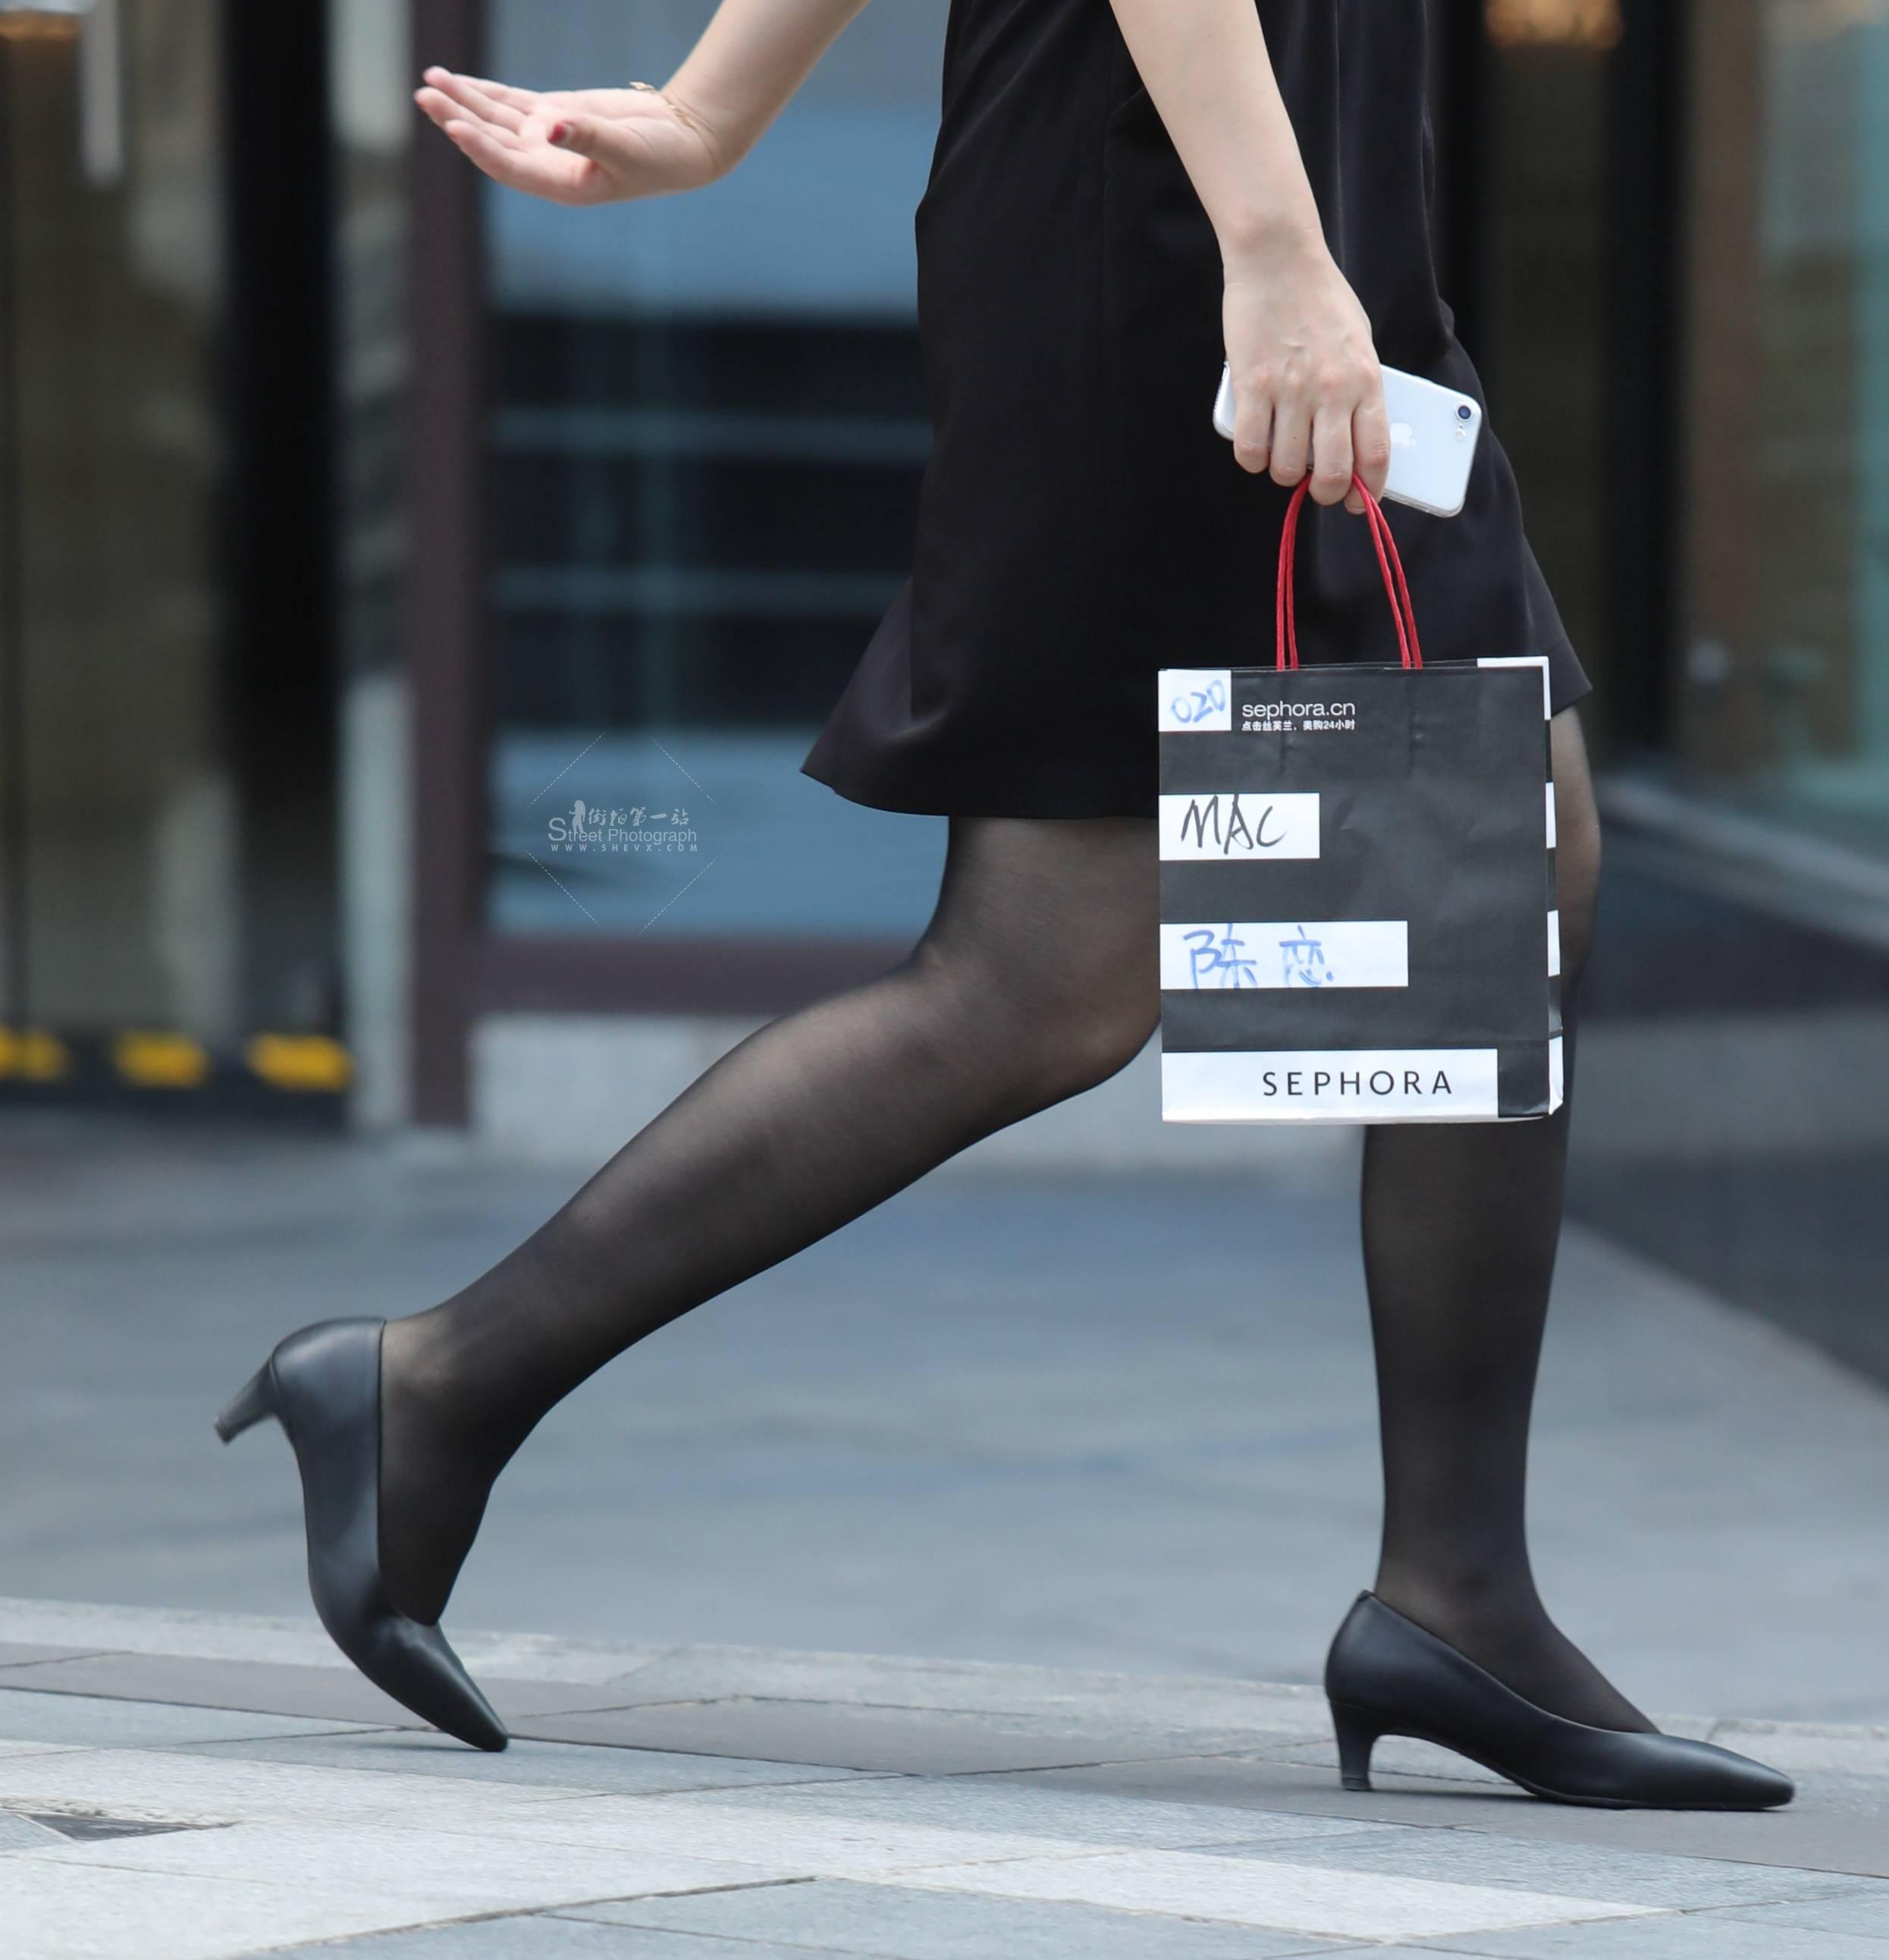 街拍黑丝,街拍高跟,街拍OL,街拍黑丝高跟 【珏一笑而过】 黑丝高跟OL 最新街拍丝袜图片 街拍丝袜第一站